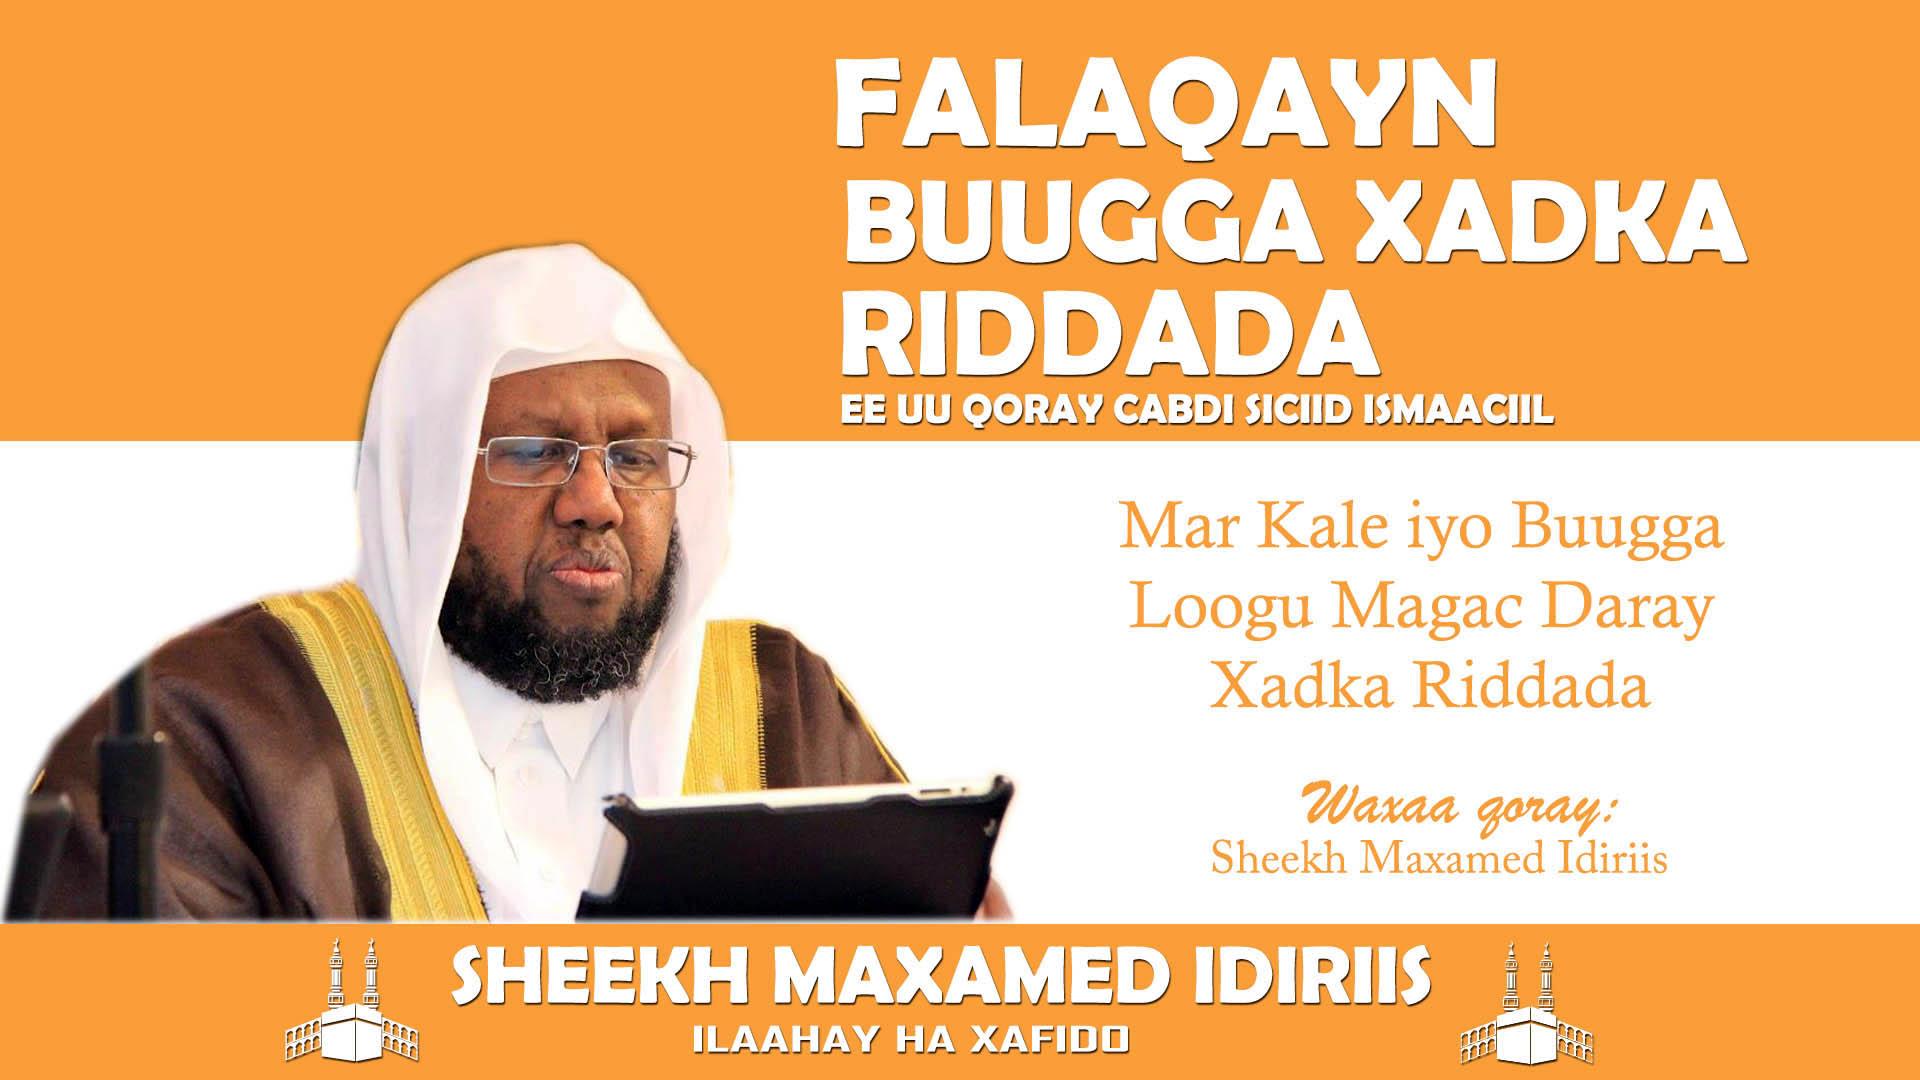 Mar Kale iyo Buugga loogu Magac Daray Xadka Riddada